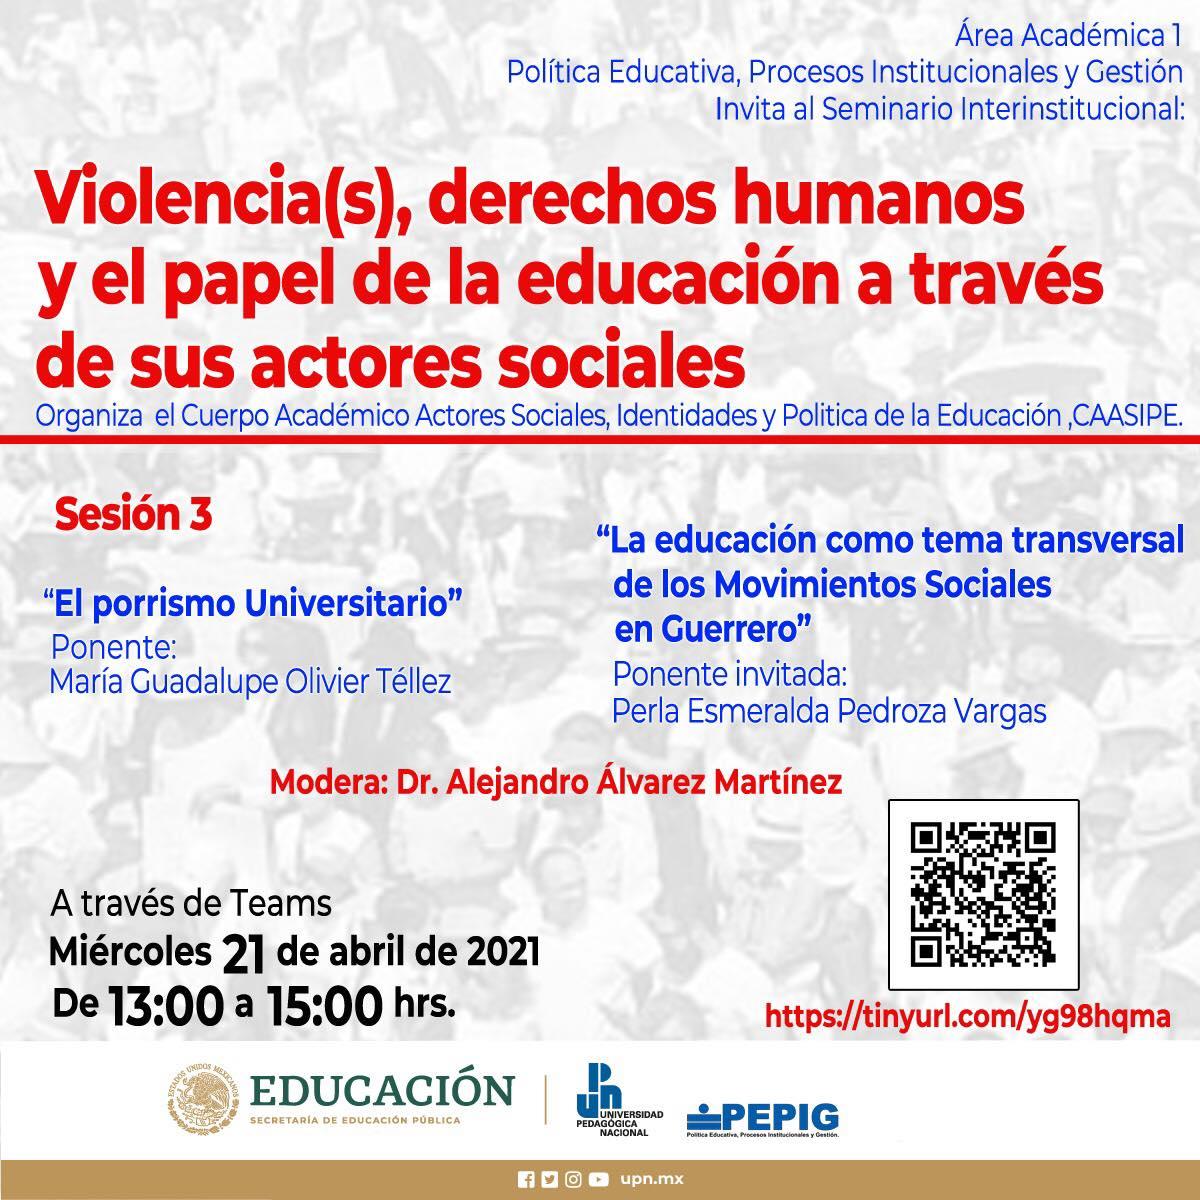 """Seminario Interinstitucional: """"Violencia(s), derechos humanos y el papel de la educación a través de sus actores sociales"""""""